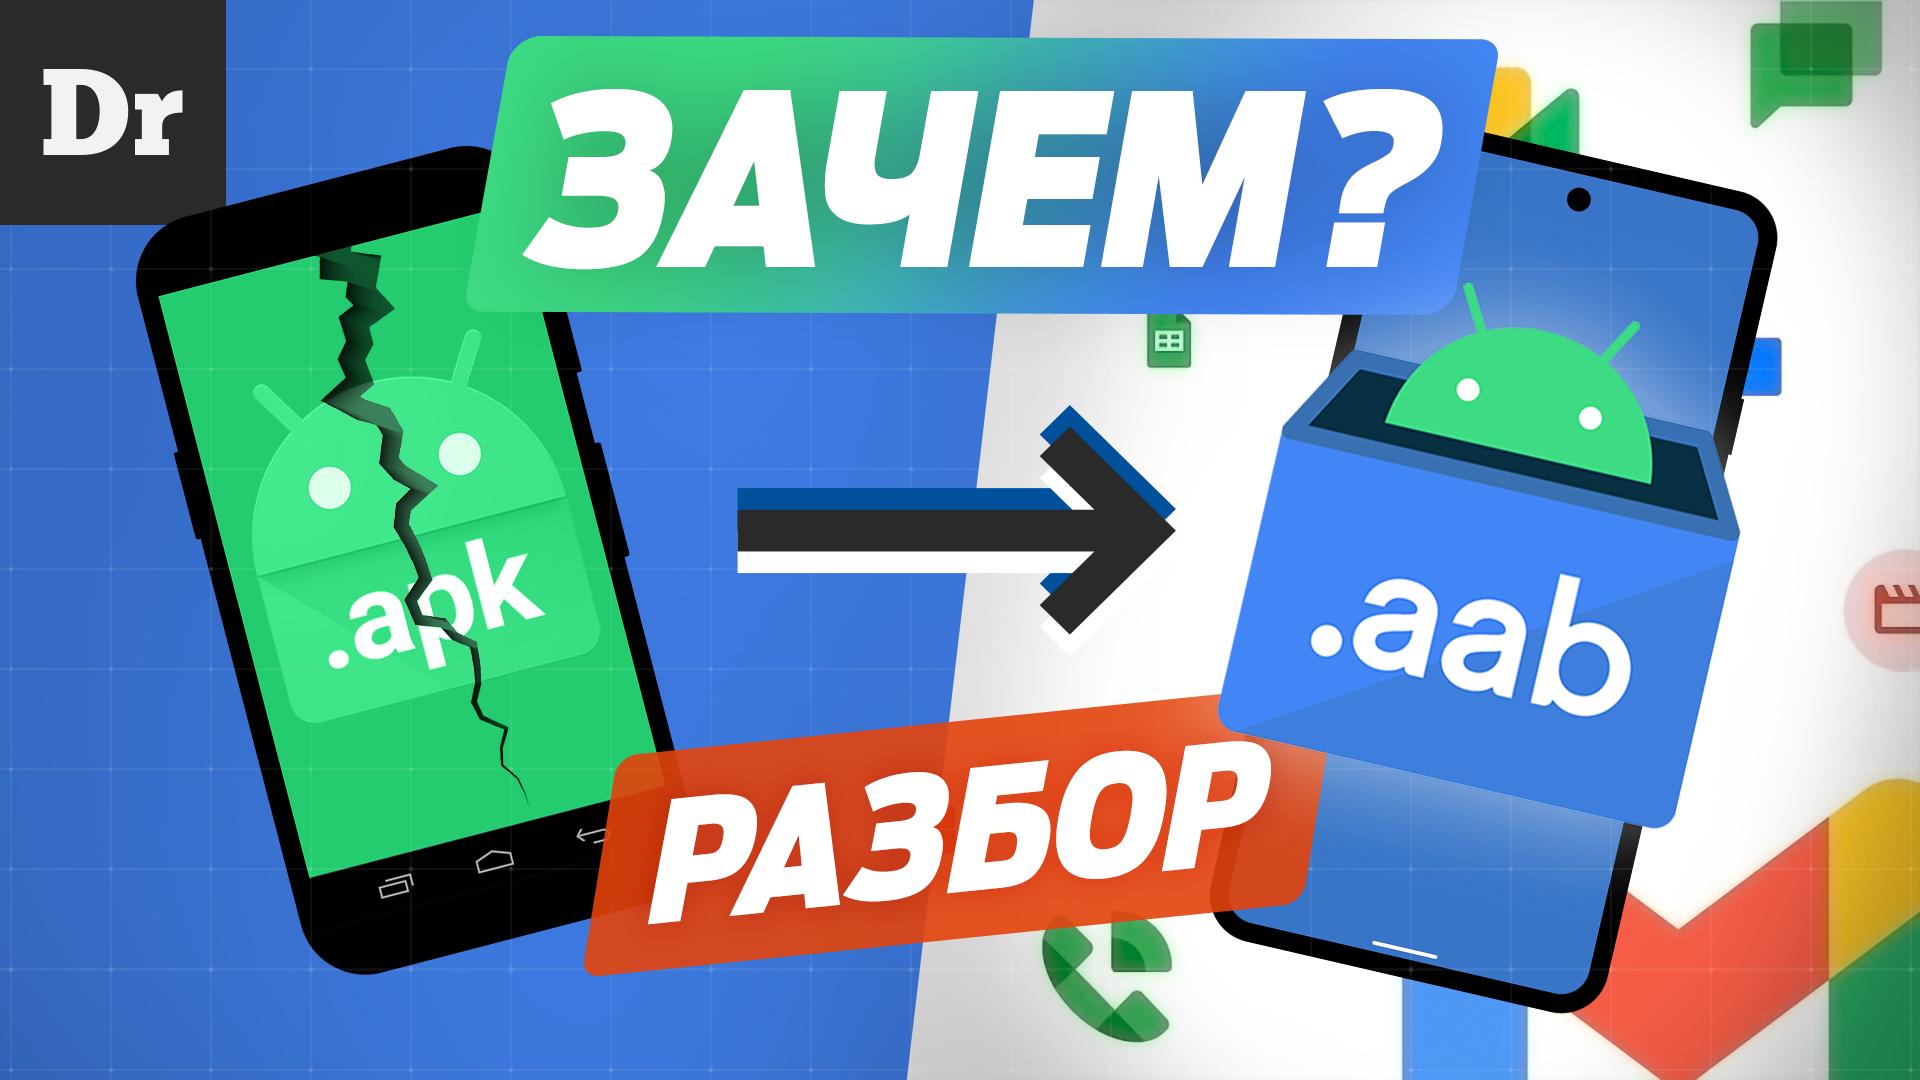 Как Android пришел к AAB? Что будет с APK? Разбор - 14